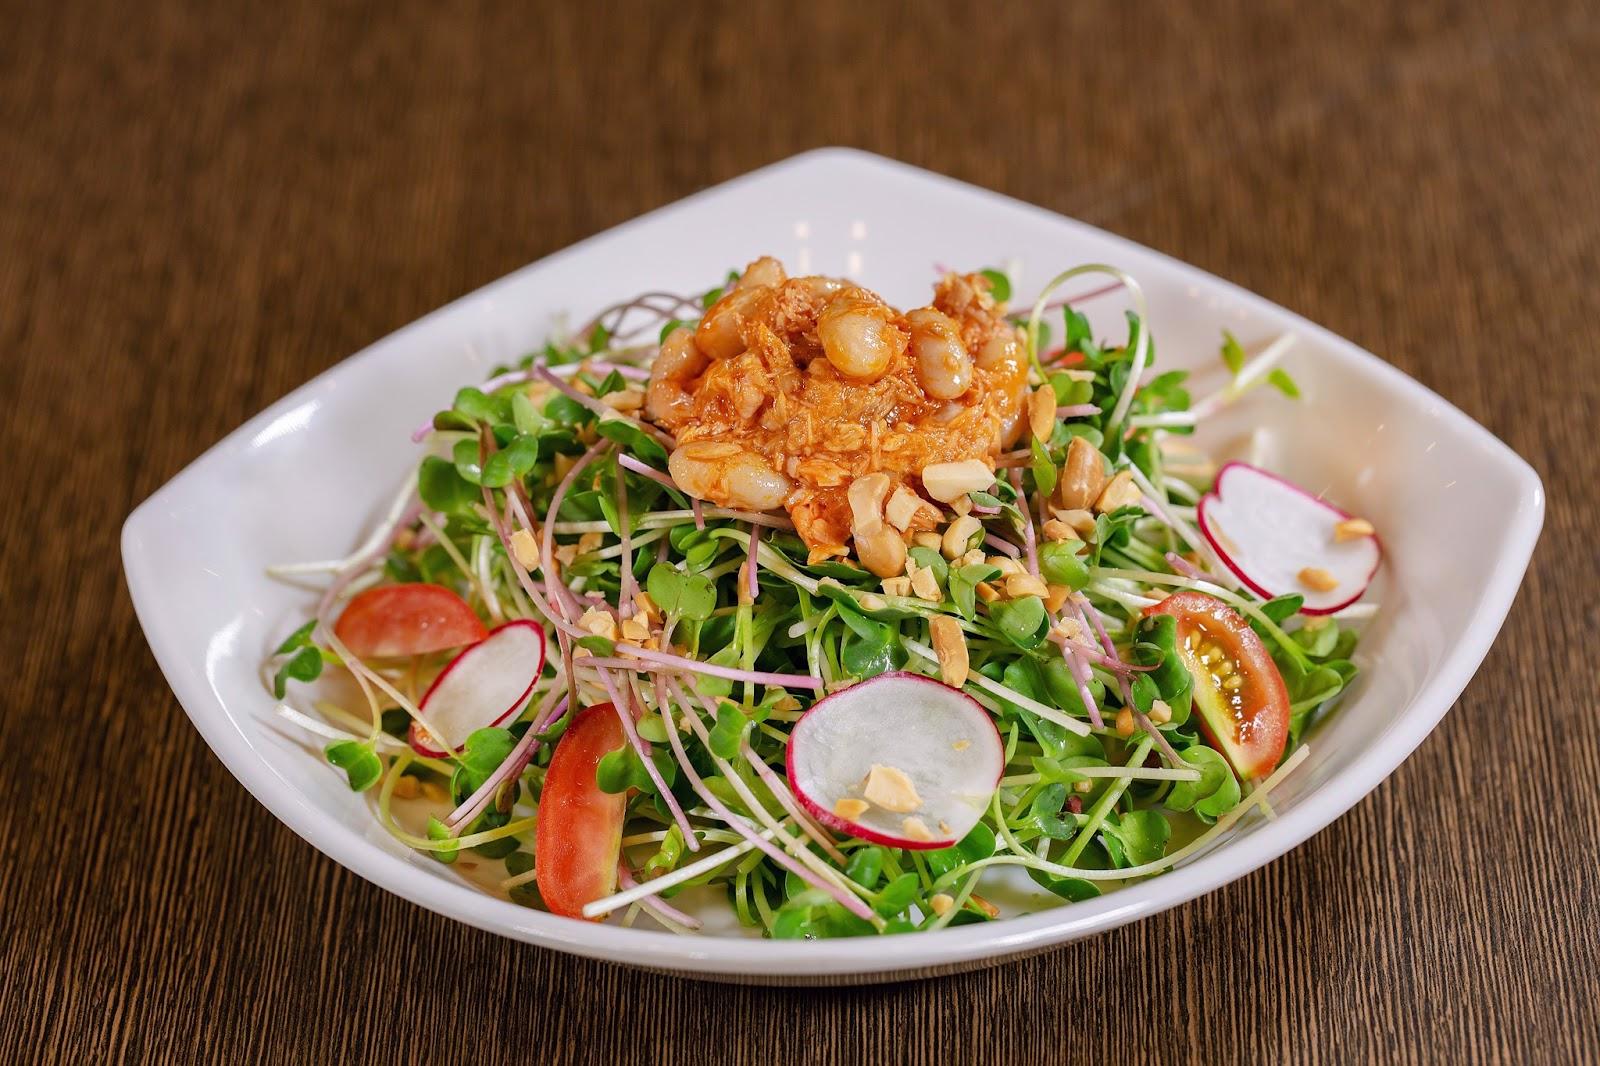 salad giau dinh duong, thanh mat